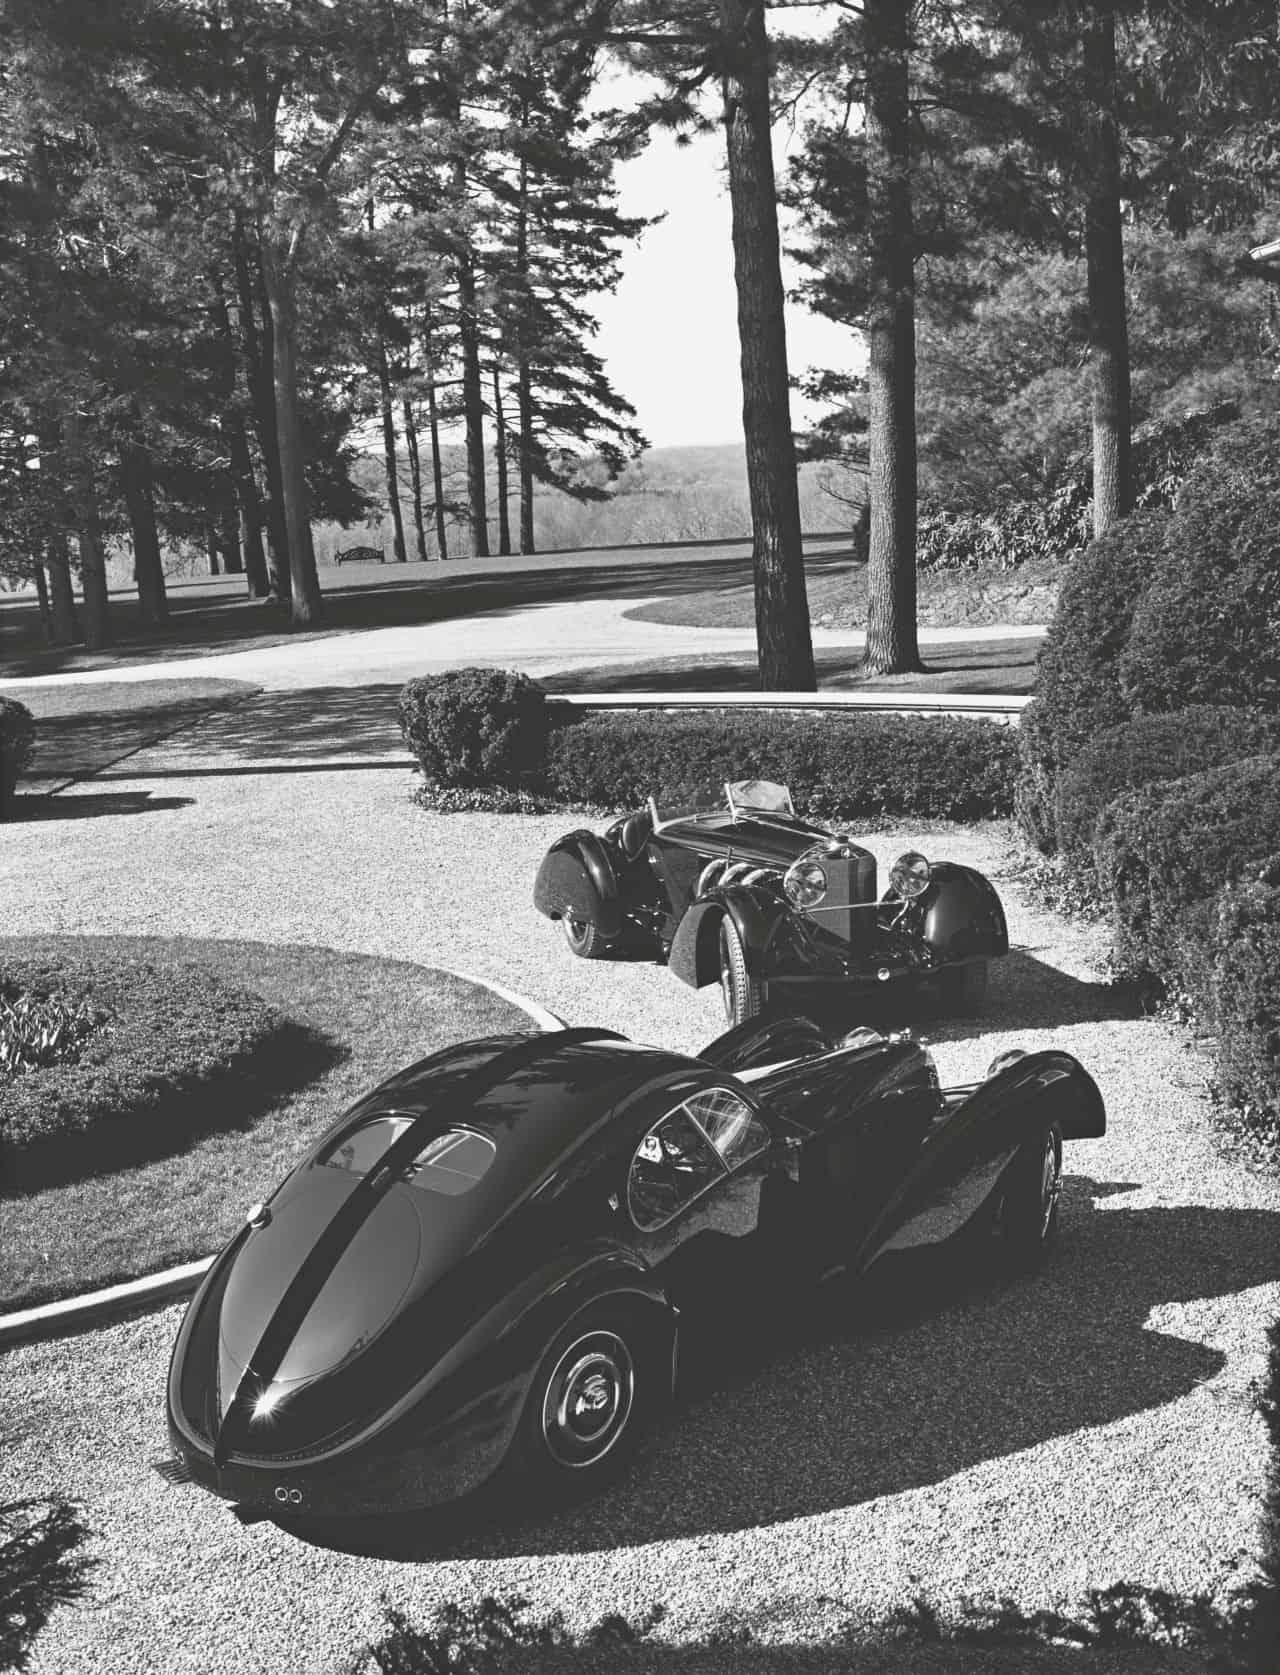 old-bugatti-car